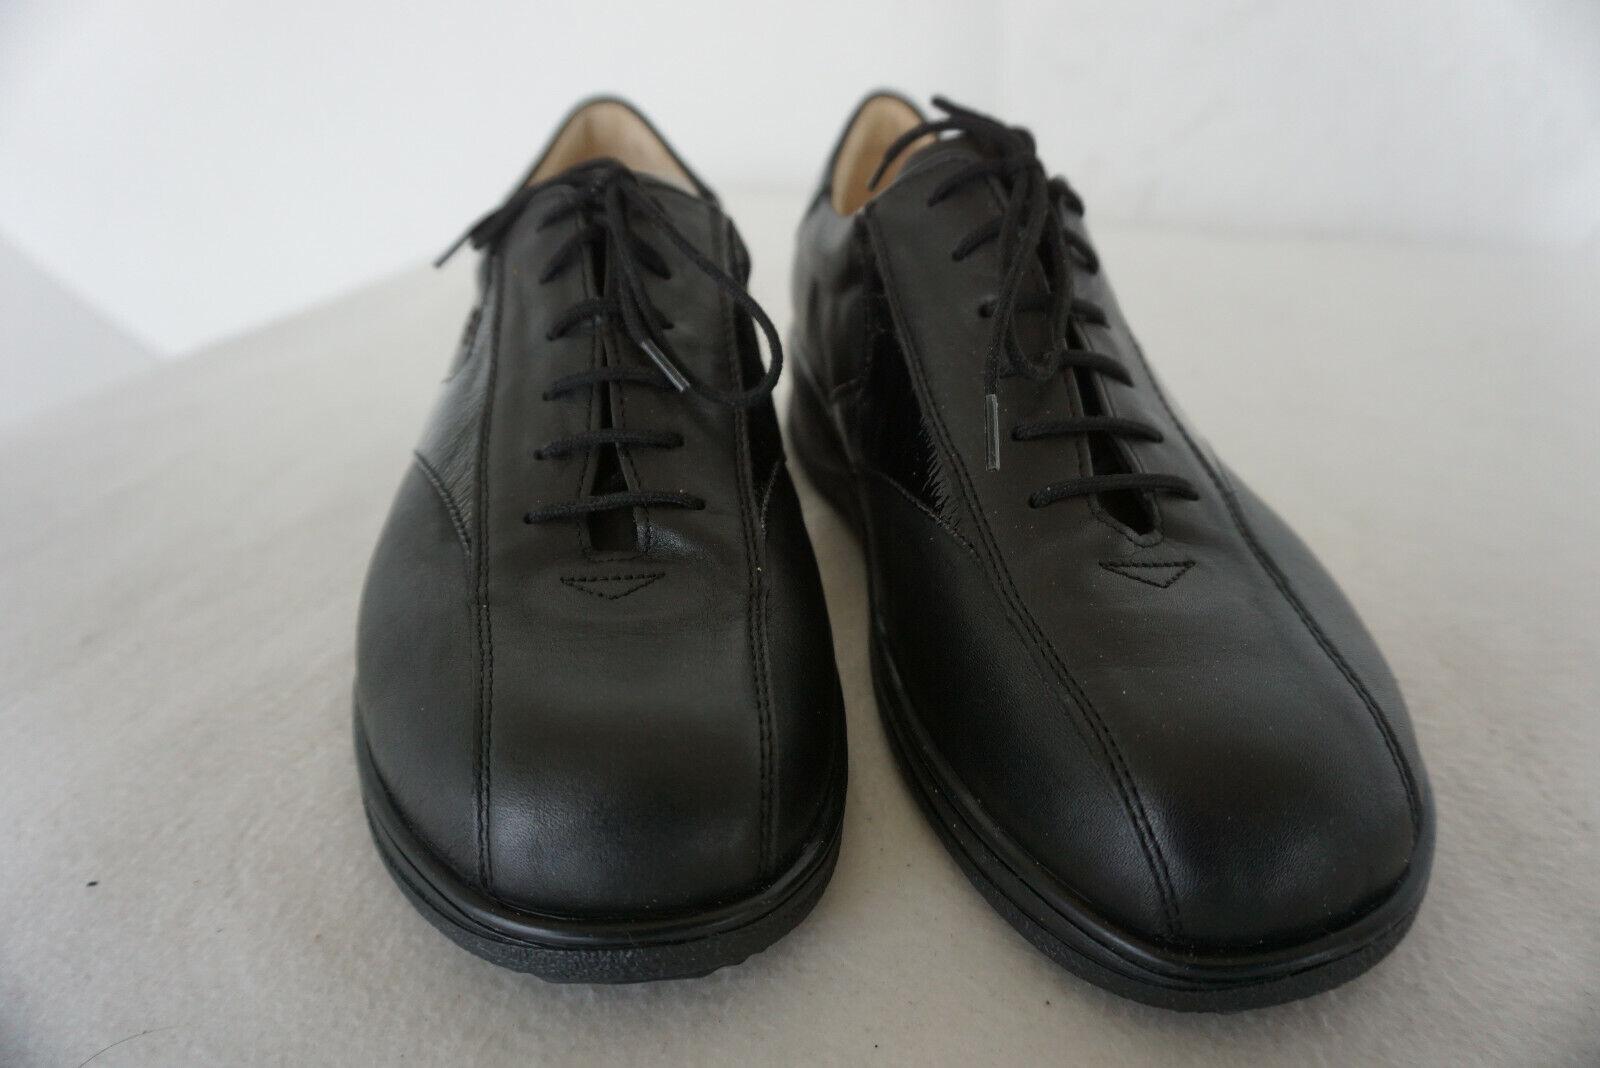 FINN COMFORT Schnürschuhe NEU Leder 38,5 Gr.5,5 schwarz